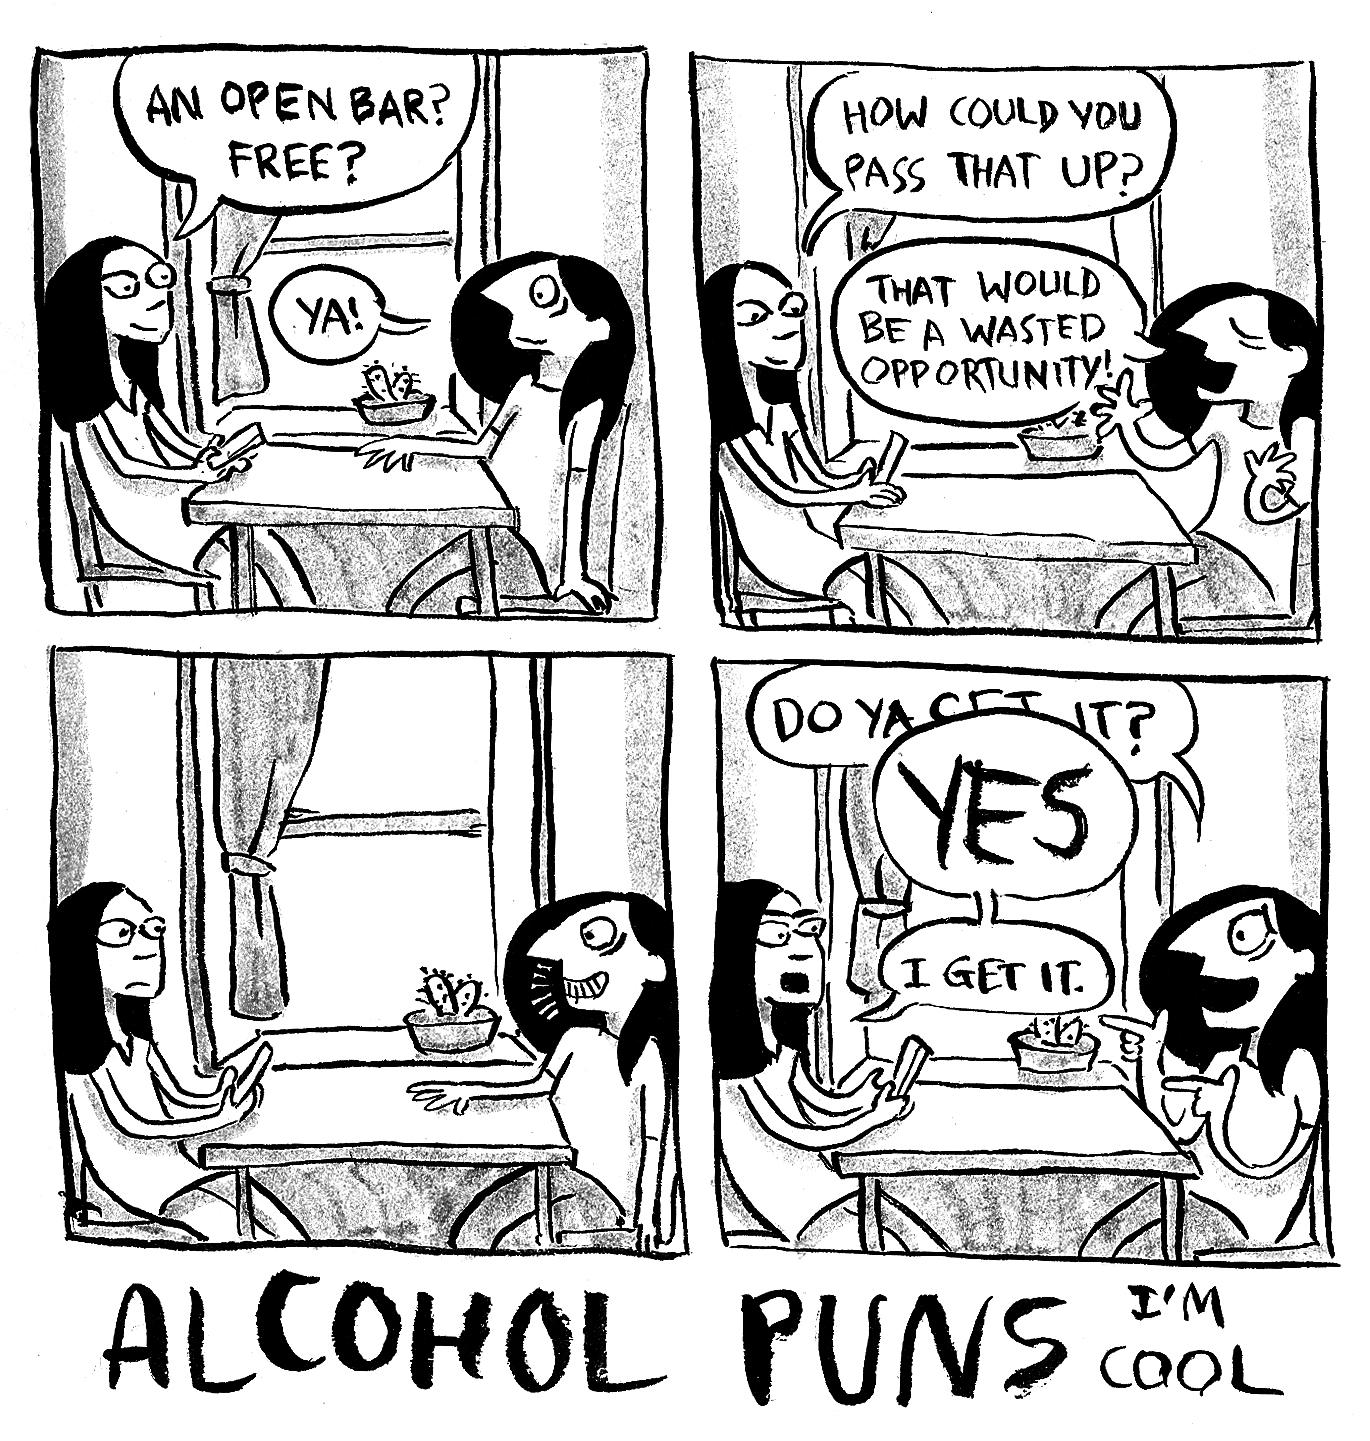 Alcohol Pun 2